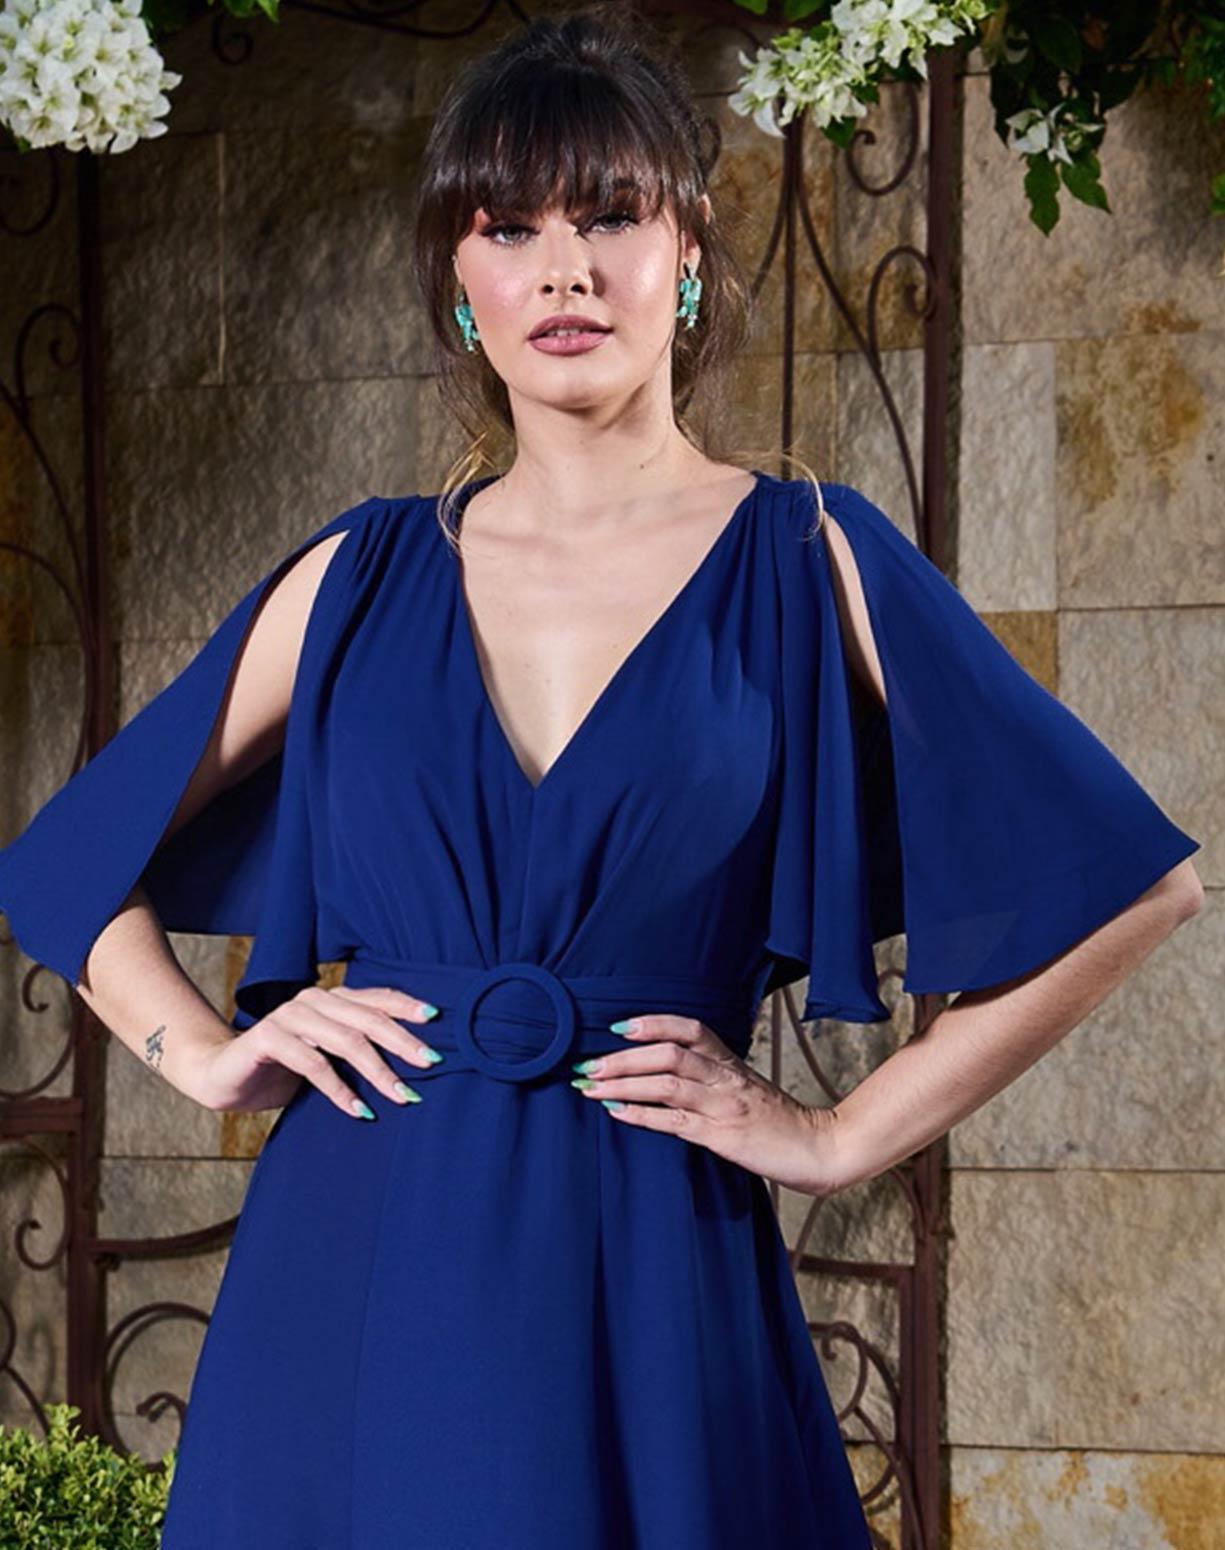 Vestido Azul Marinho com Manga Curta Godê